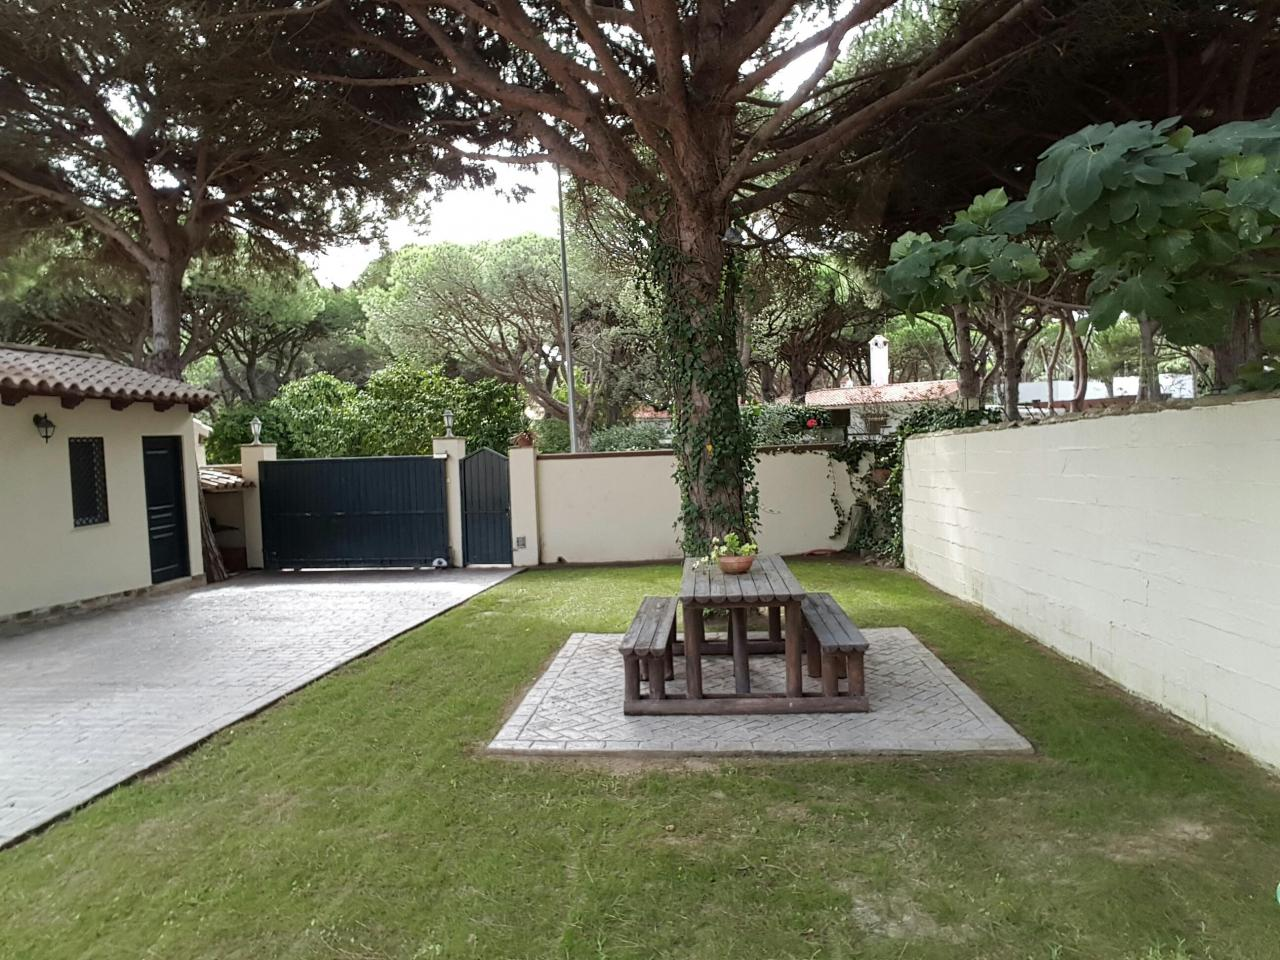 Alquiler de habitaciones Chiclana de la Frontera, Cádiz